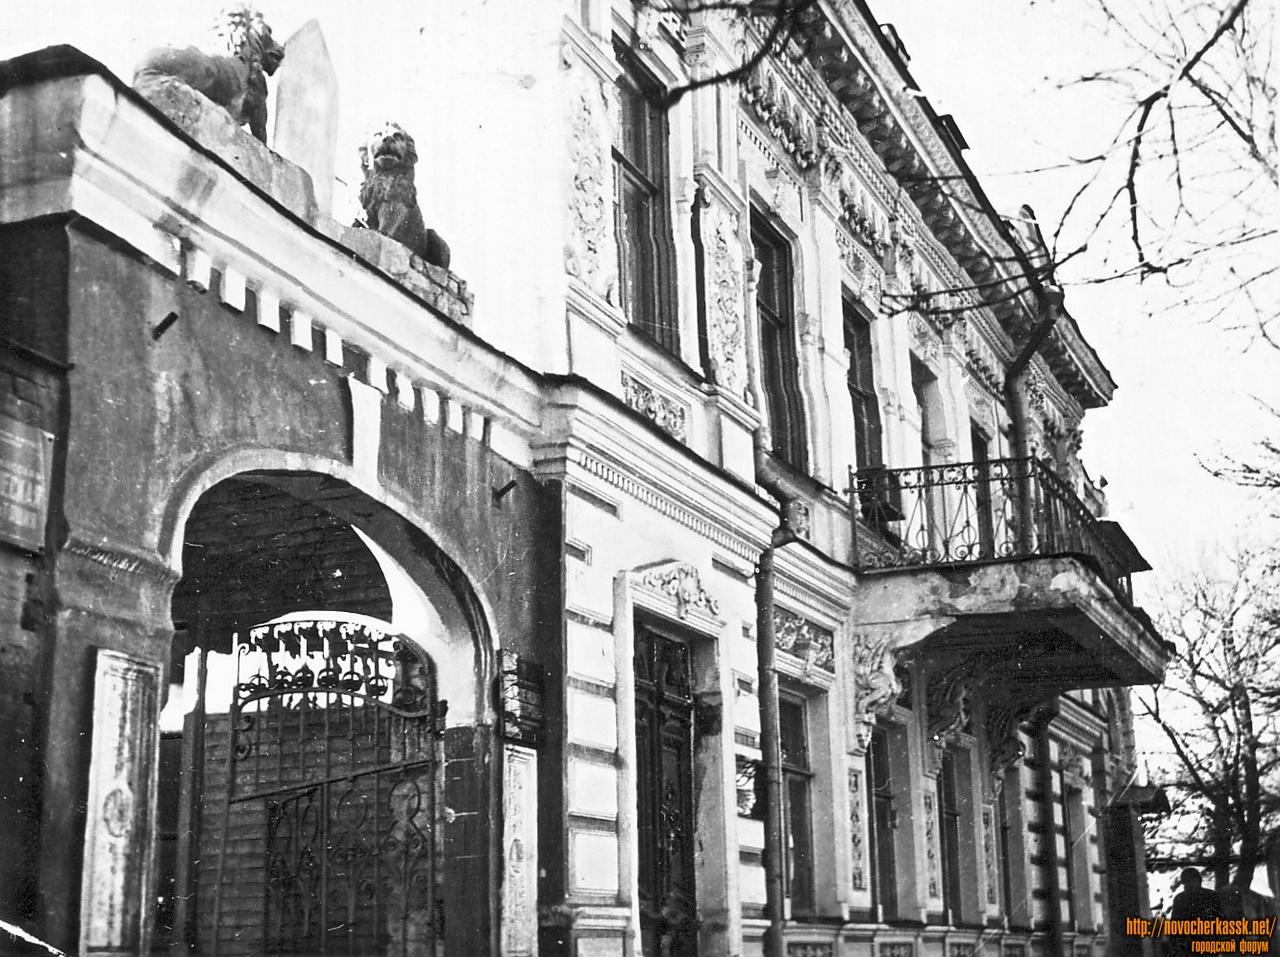 комиссии, утверждавшей новочеркасске загс бывший публичный дом фото дождливую, облачную